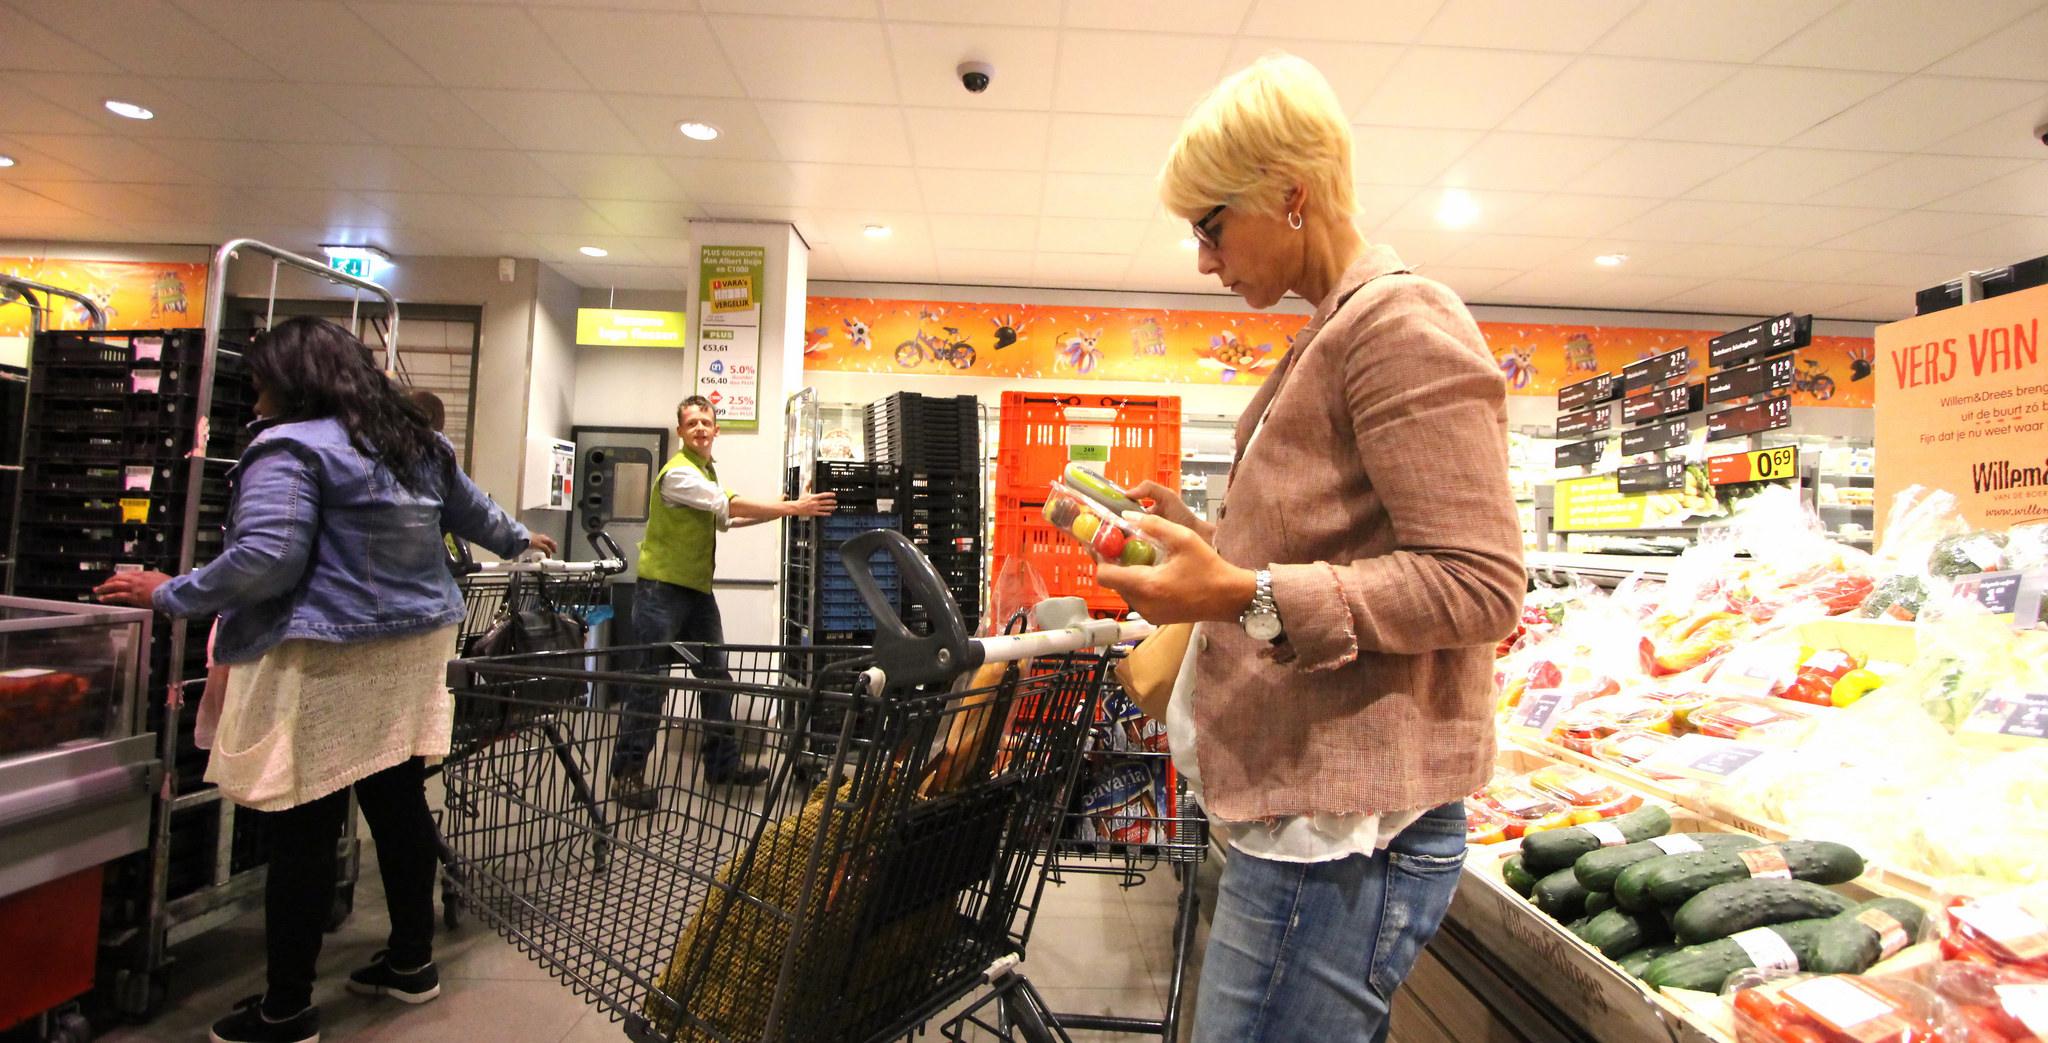 Openingstijden Supermarkten Rondom Oud En Nieuw 2017 Nieuwsnl